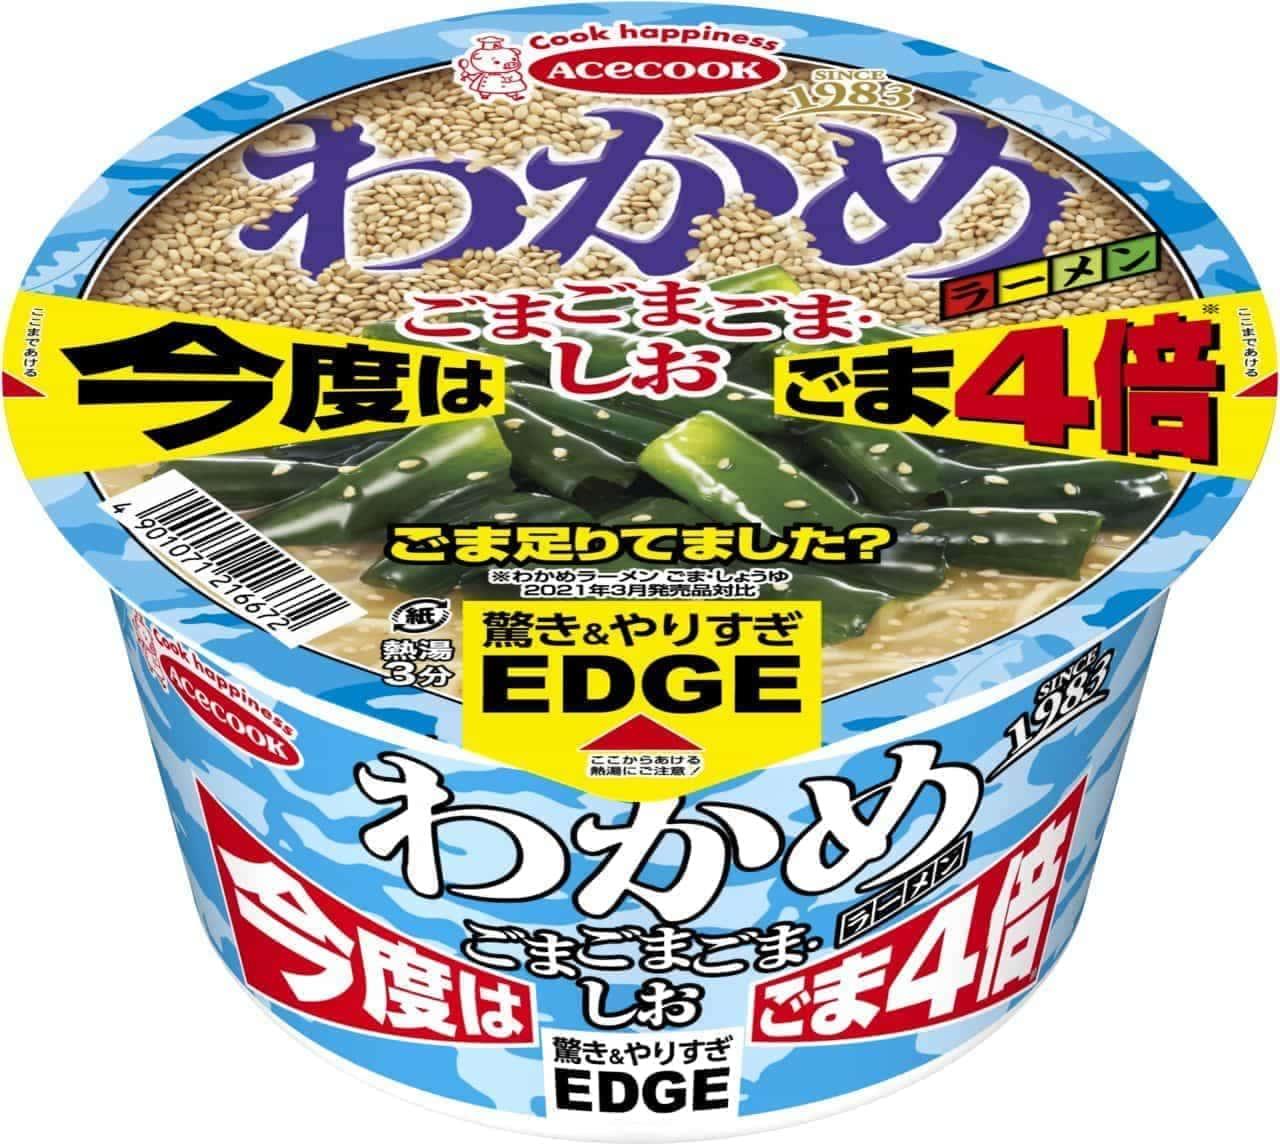 エースコック「EDGE×わかめラーメン ごまごまごま・しお ごま4倍」